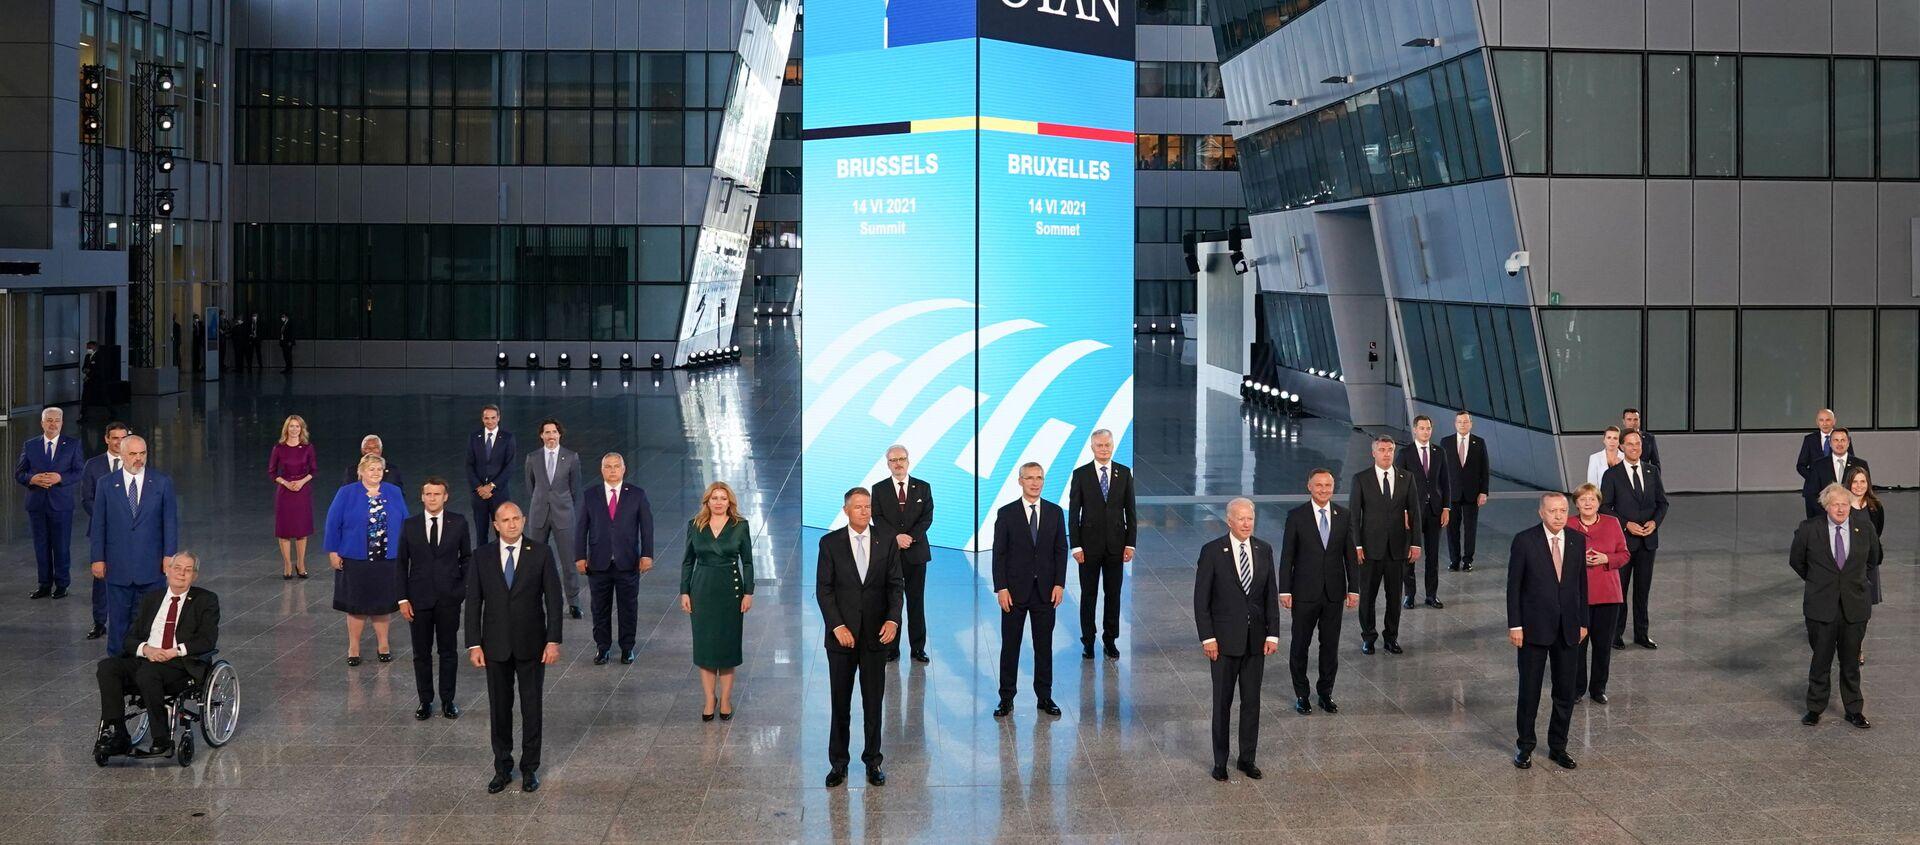 Tüm liderlerin tek tek karşılanmasının ardından sosyal mesafe kuralına uyularak aile fotoğrafı çektirildi. Cumhurbaşkanı Erdoğan, NATO Karargahı'nın içindeki avluda çektirilen aile fotoğrafında, ABD Başkanı Joe Biden ile İngiltere Başbakanı Boris Johnson'ın arasında yer aldı.  - Sputnik Türkiye, 1920, 14.06.2021